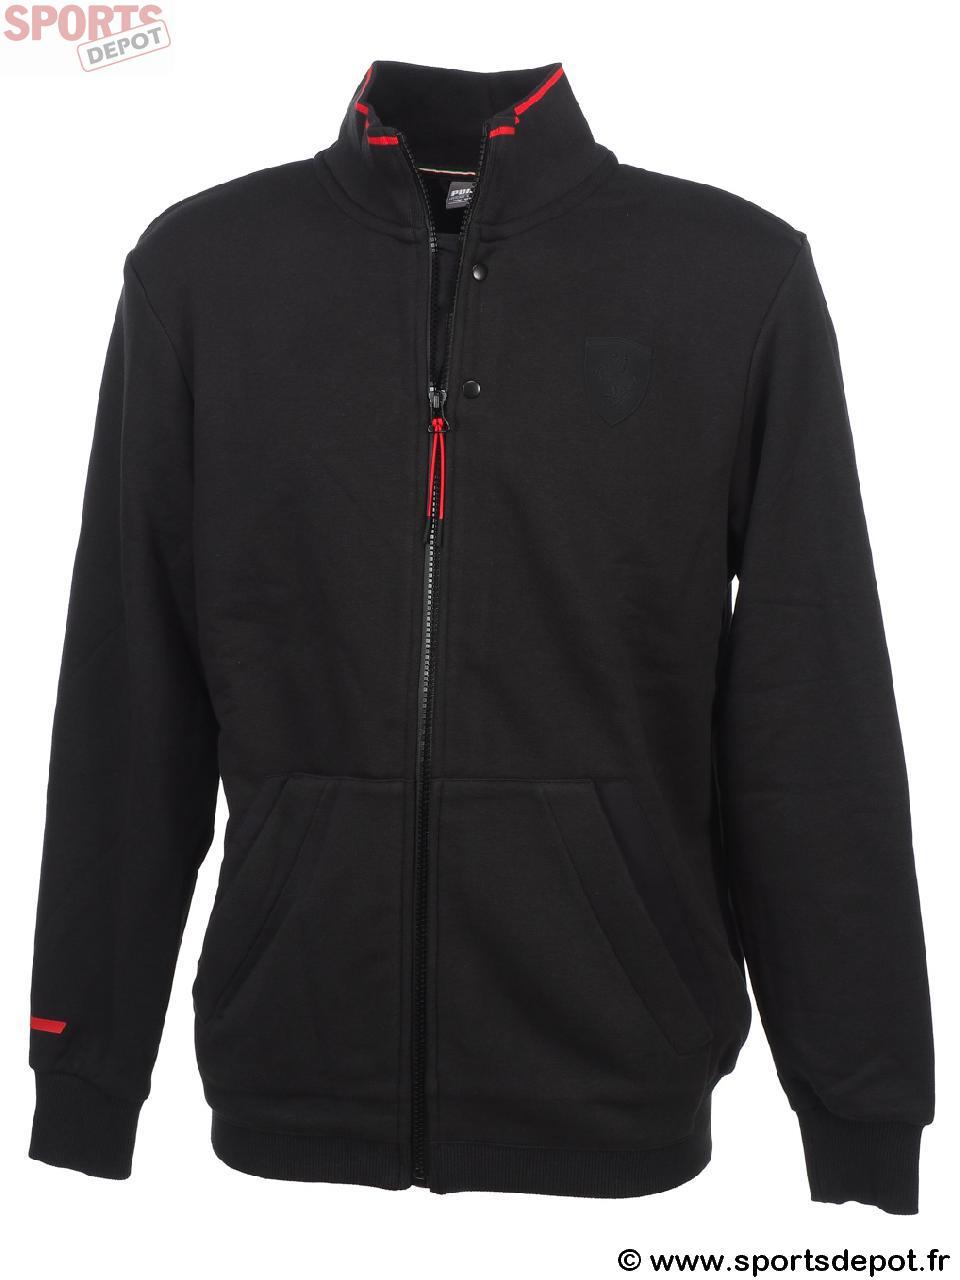 acheter vestes demie saison puma ferrari sweat jacket noir homme mixte comparer achat. Black Bedroom Furniture Sets. Home Design Ideas